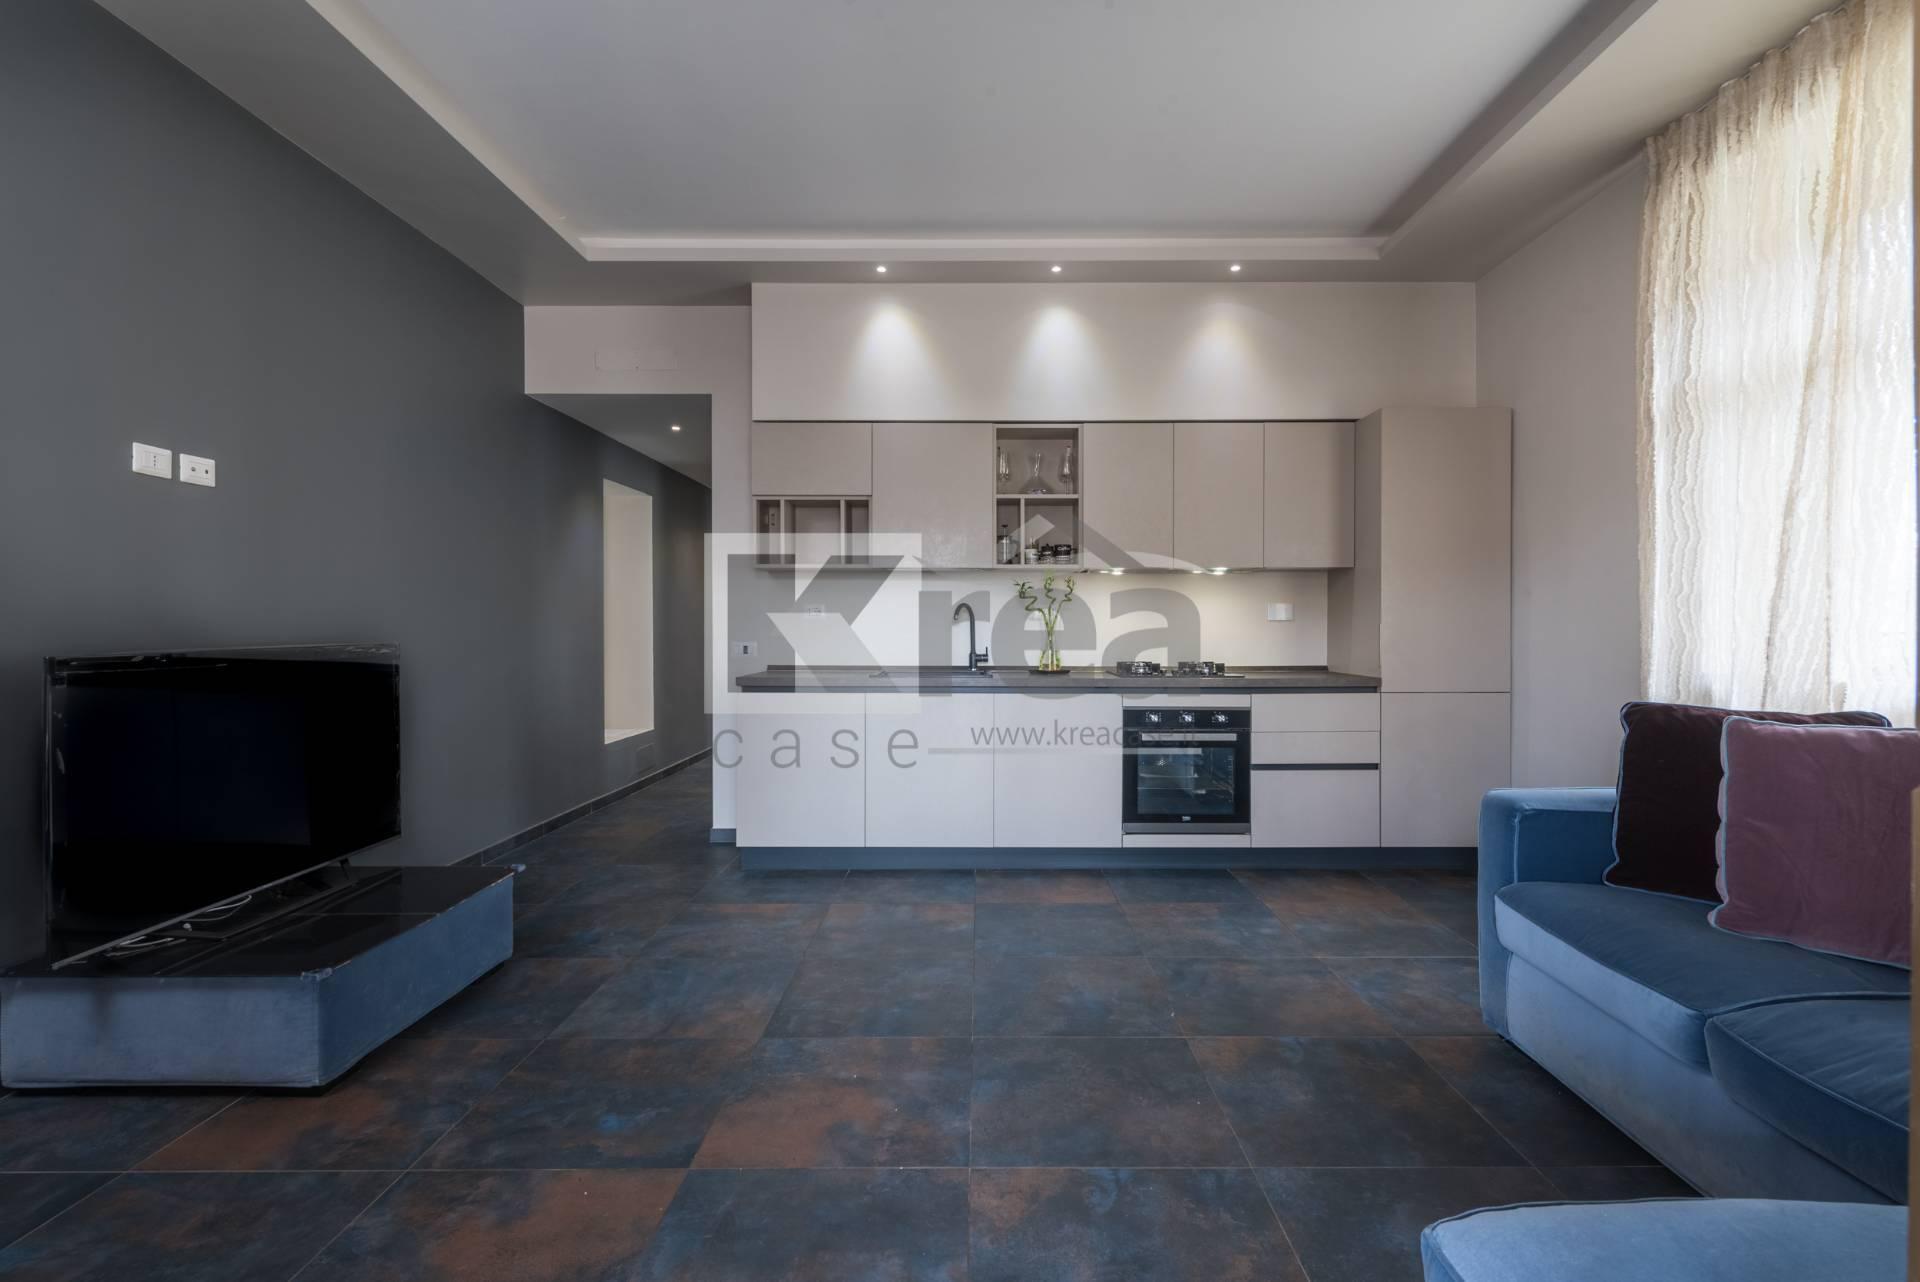 Appartamento in vendita a Ciampino, 3 locali, zona Località: Centro, prezzo € 179.000 | CambioCasa.it